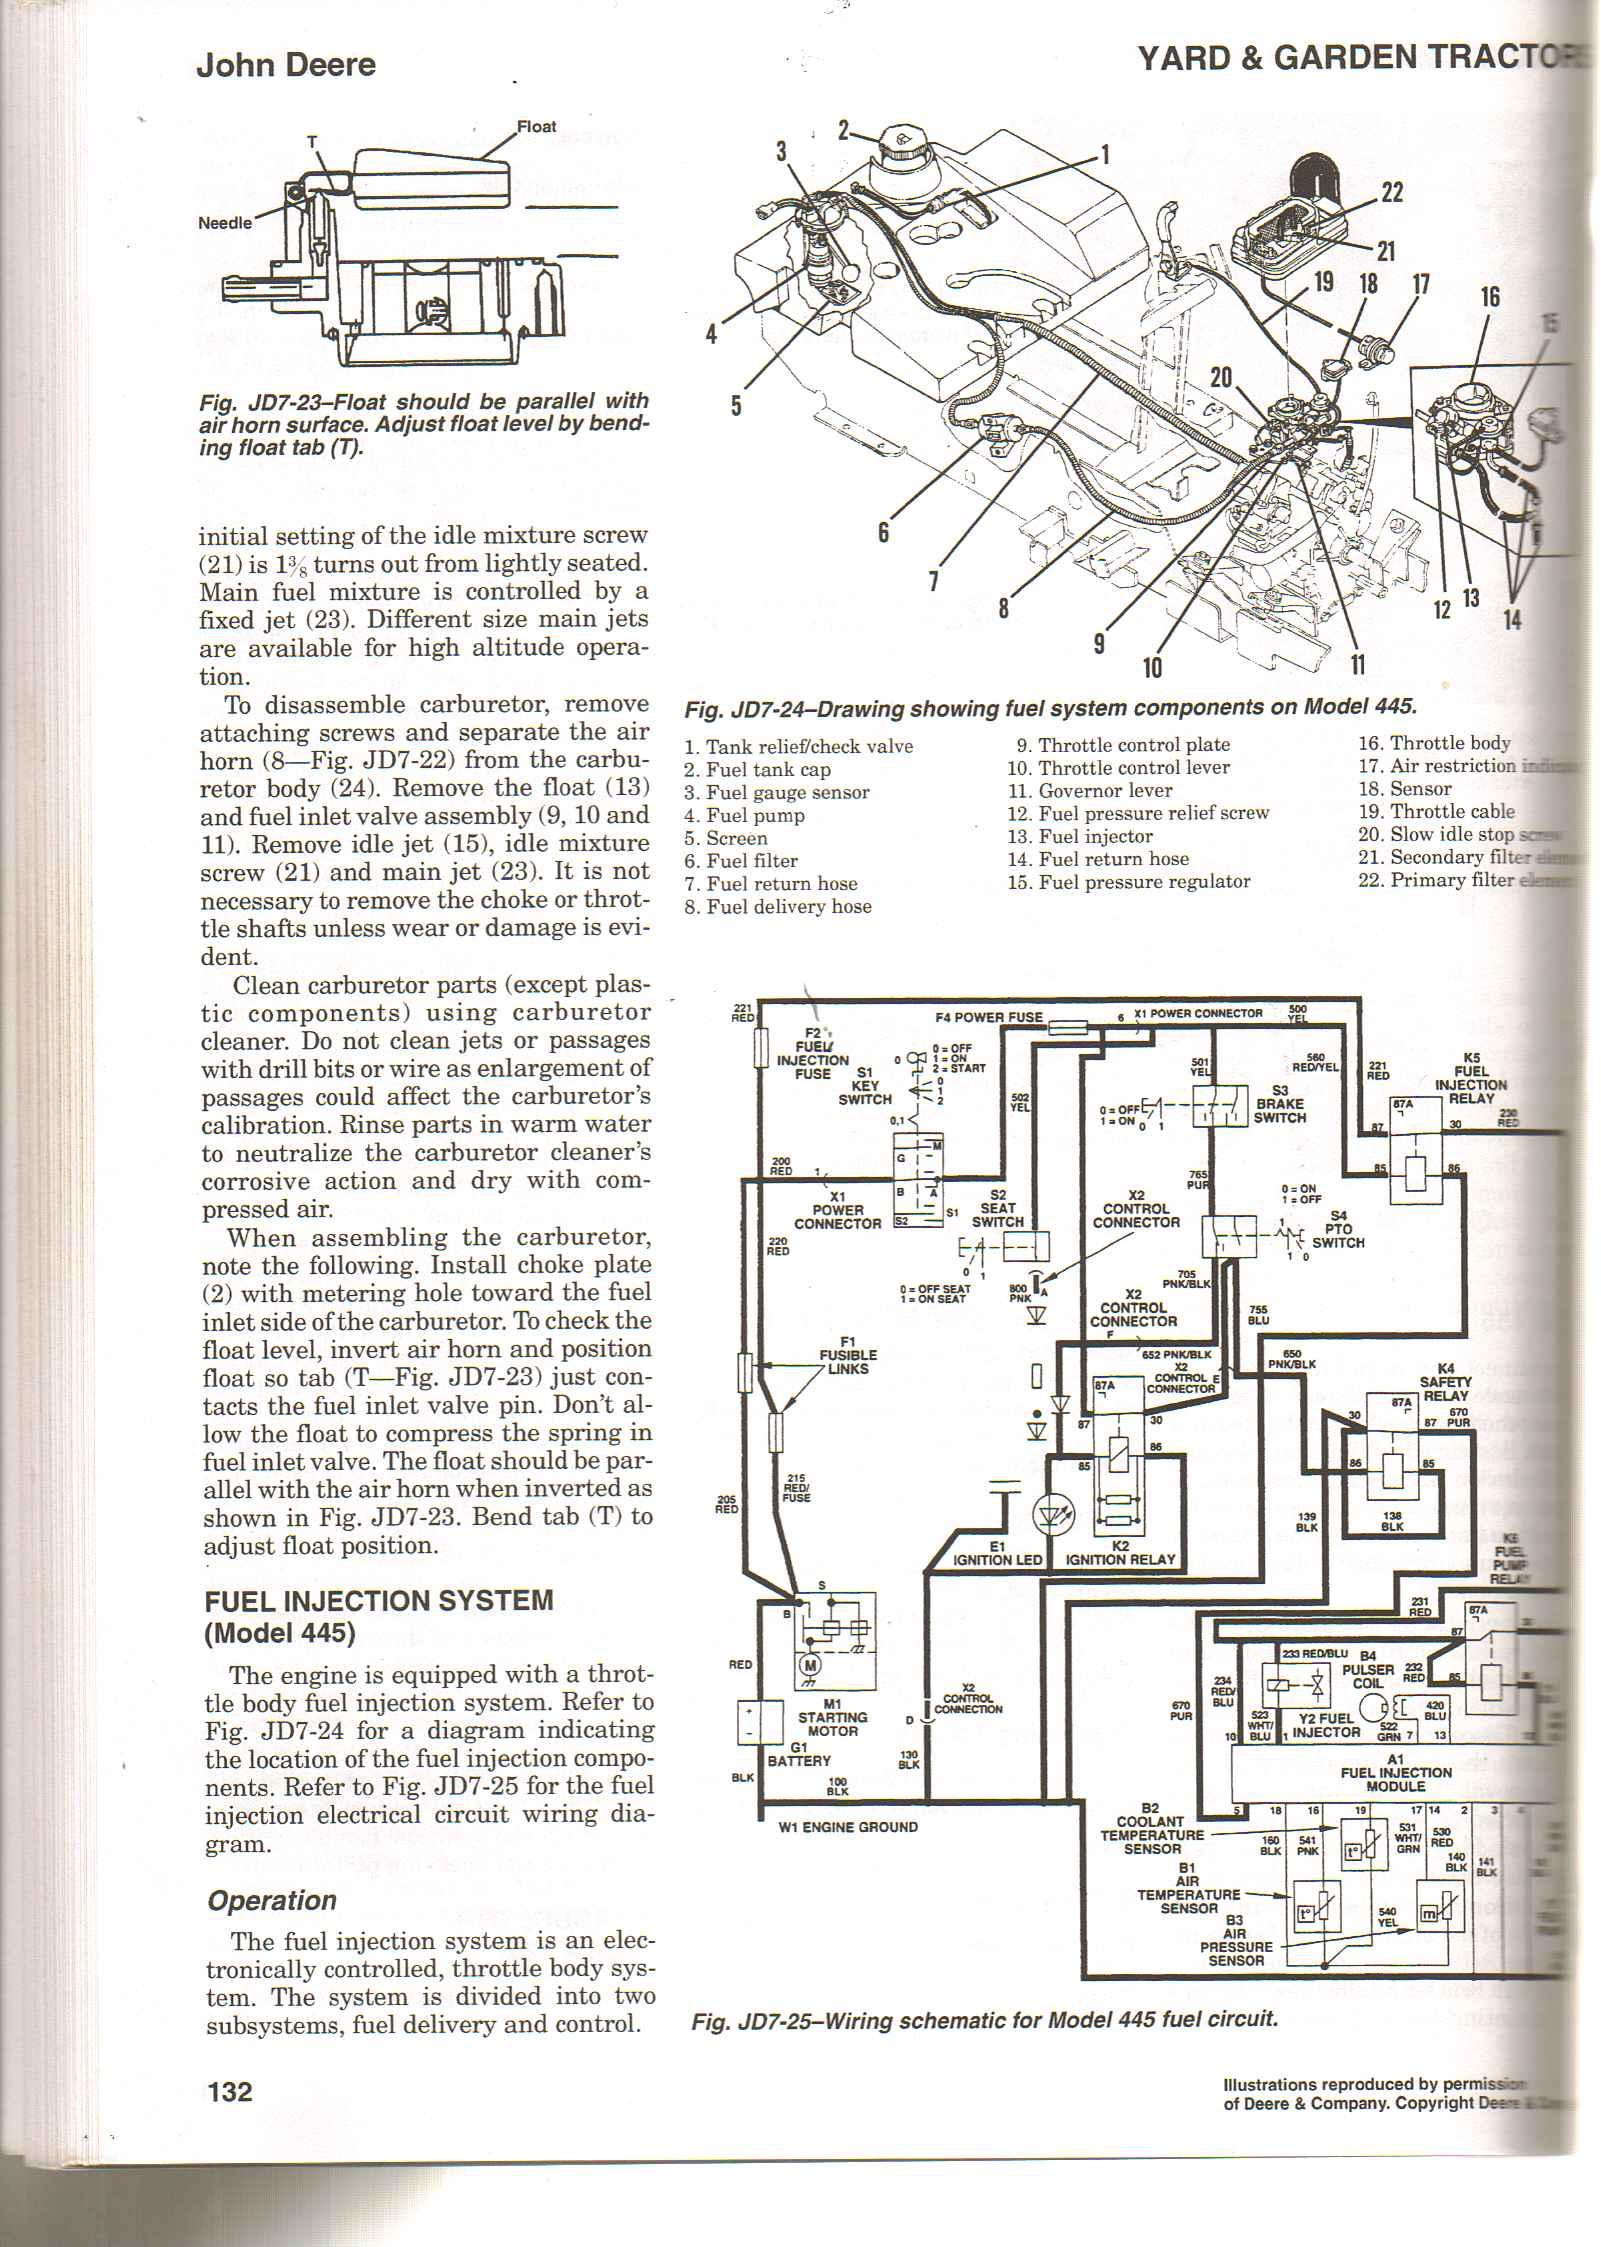 c63e0bb3-ad42-43da-a8f5-33f8a65c564b_Deere 445 fuel wiring circuit.jpg